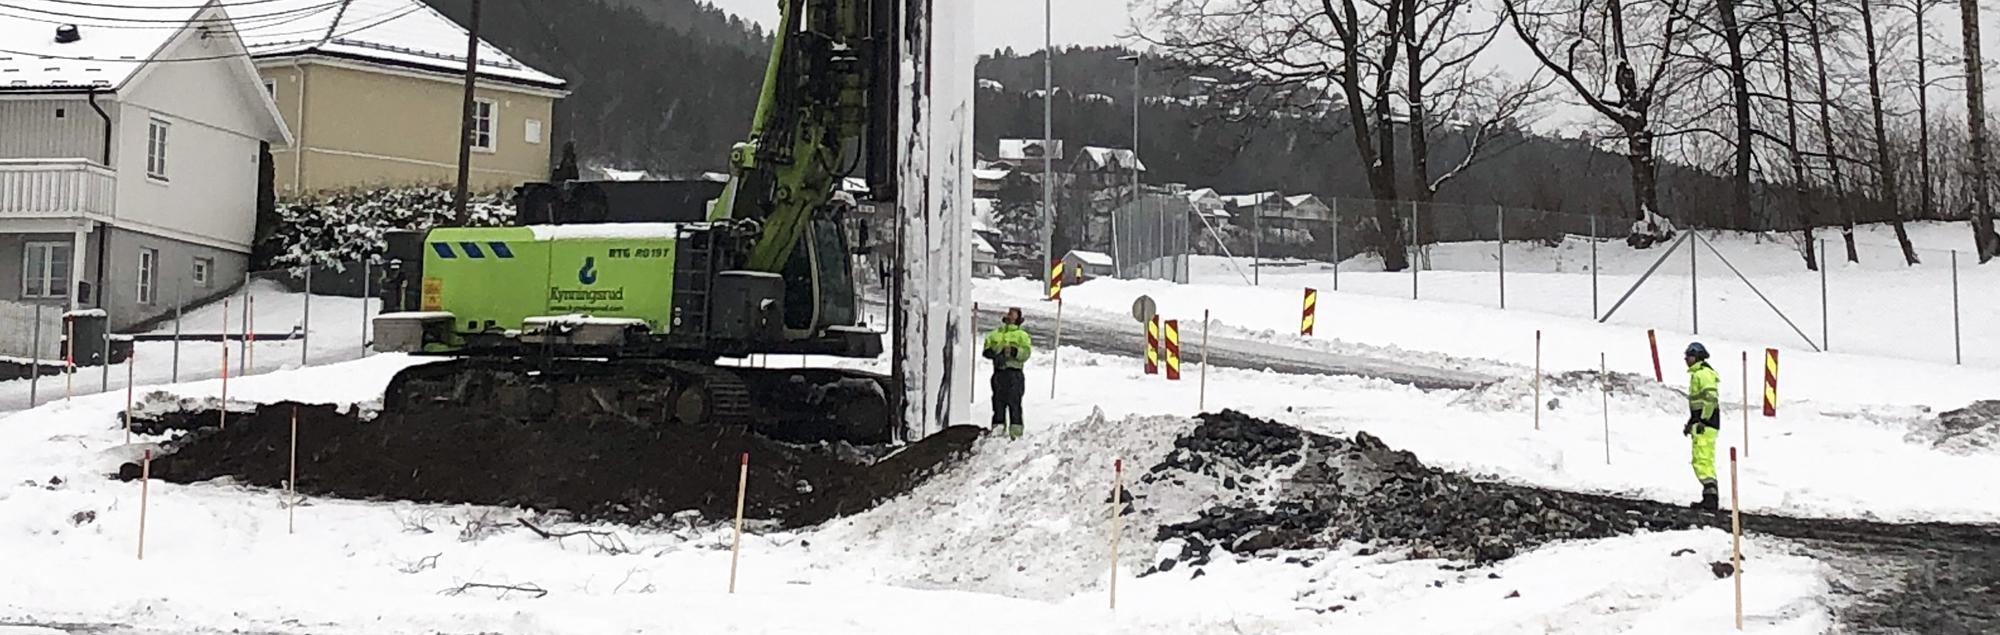 Grundläggning för kulvert på ny dubbelspårig järnväg